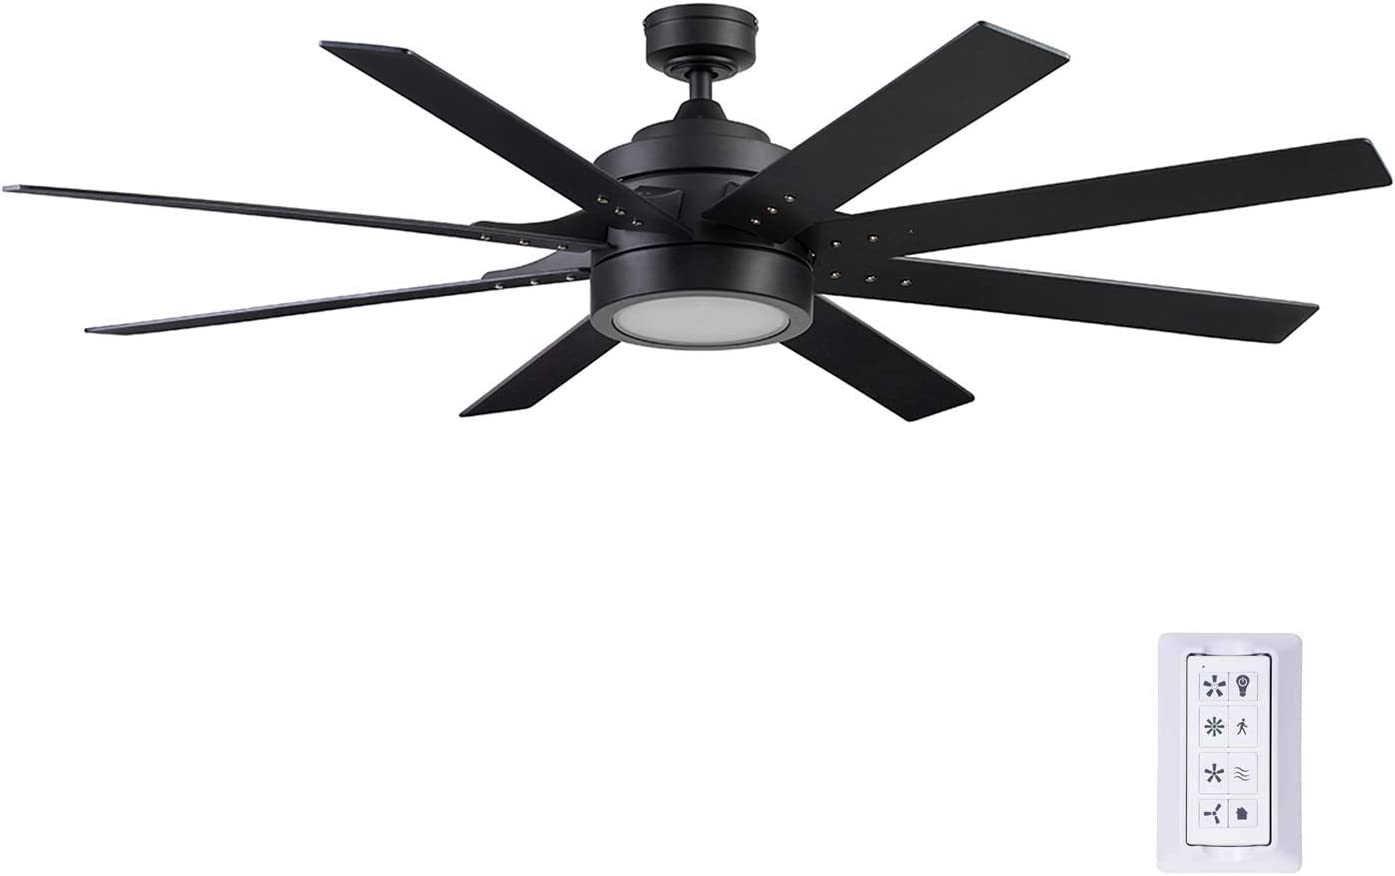 Honeywell Ceiling Fans 51473-01 Xerxes Ceiling Fan, 62, Matte Black